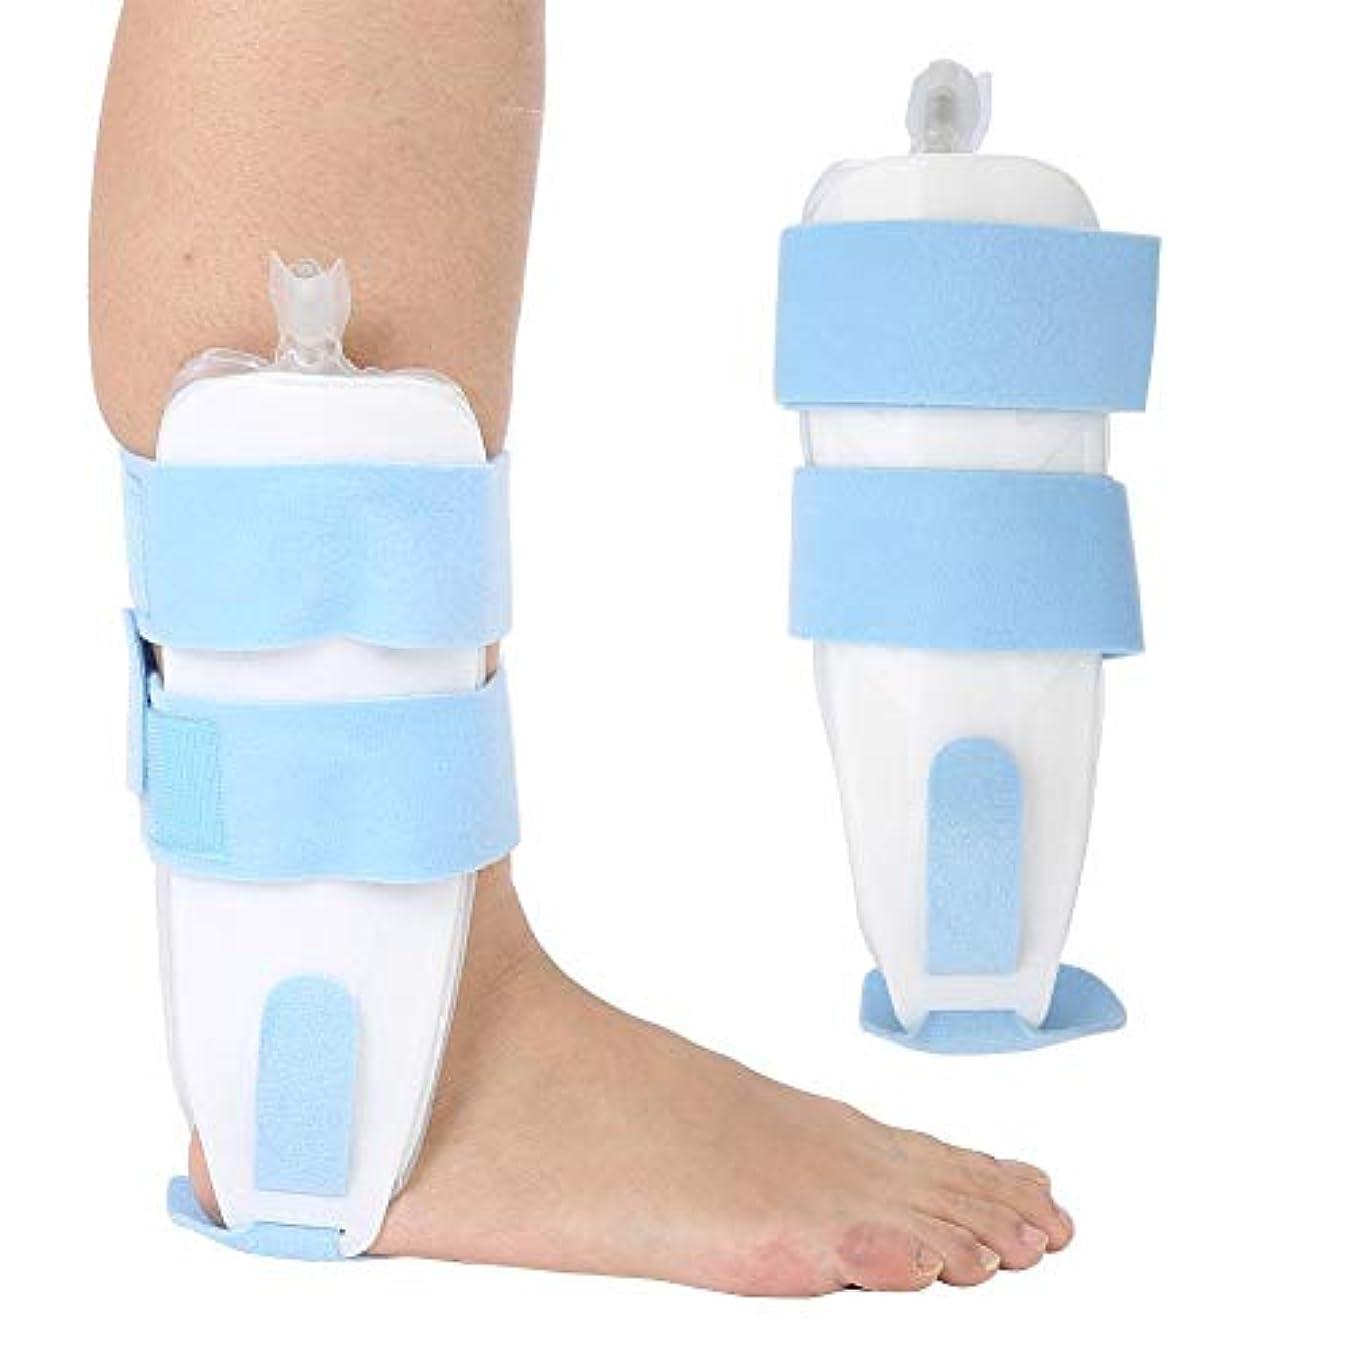 終点誰でも行き当たりばったり調節可能な足首サポートエアブレースインフレータブルスプリント捻挫スタビライザーガードストラップ